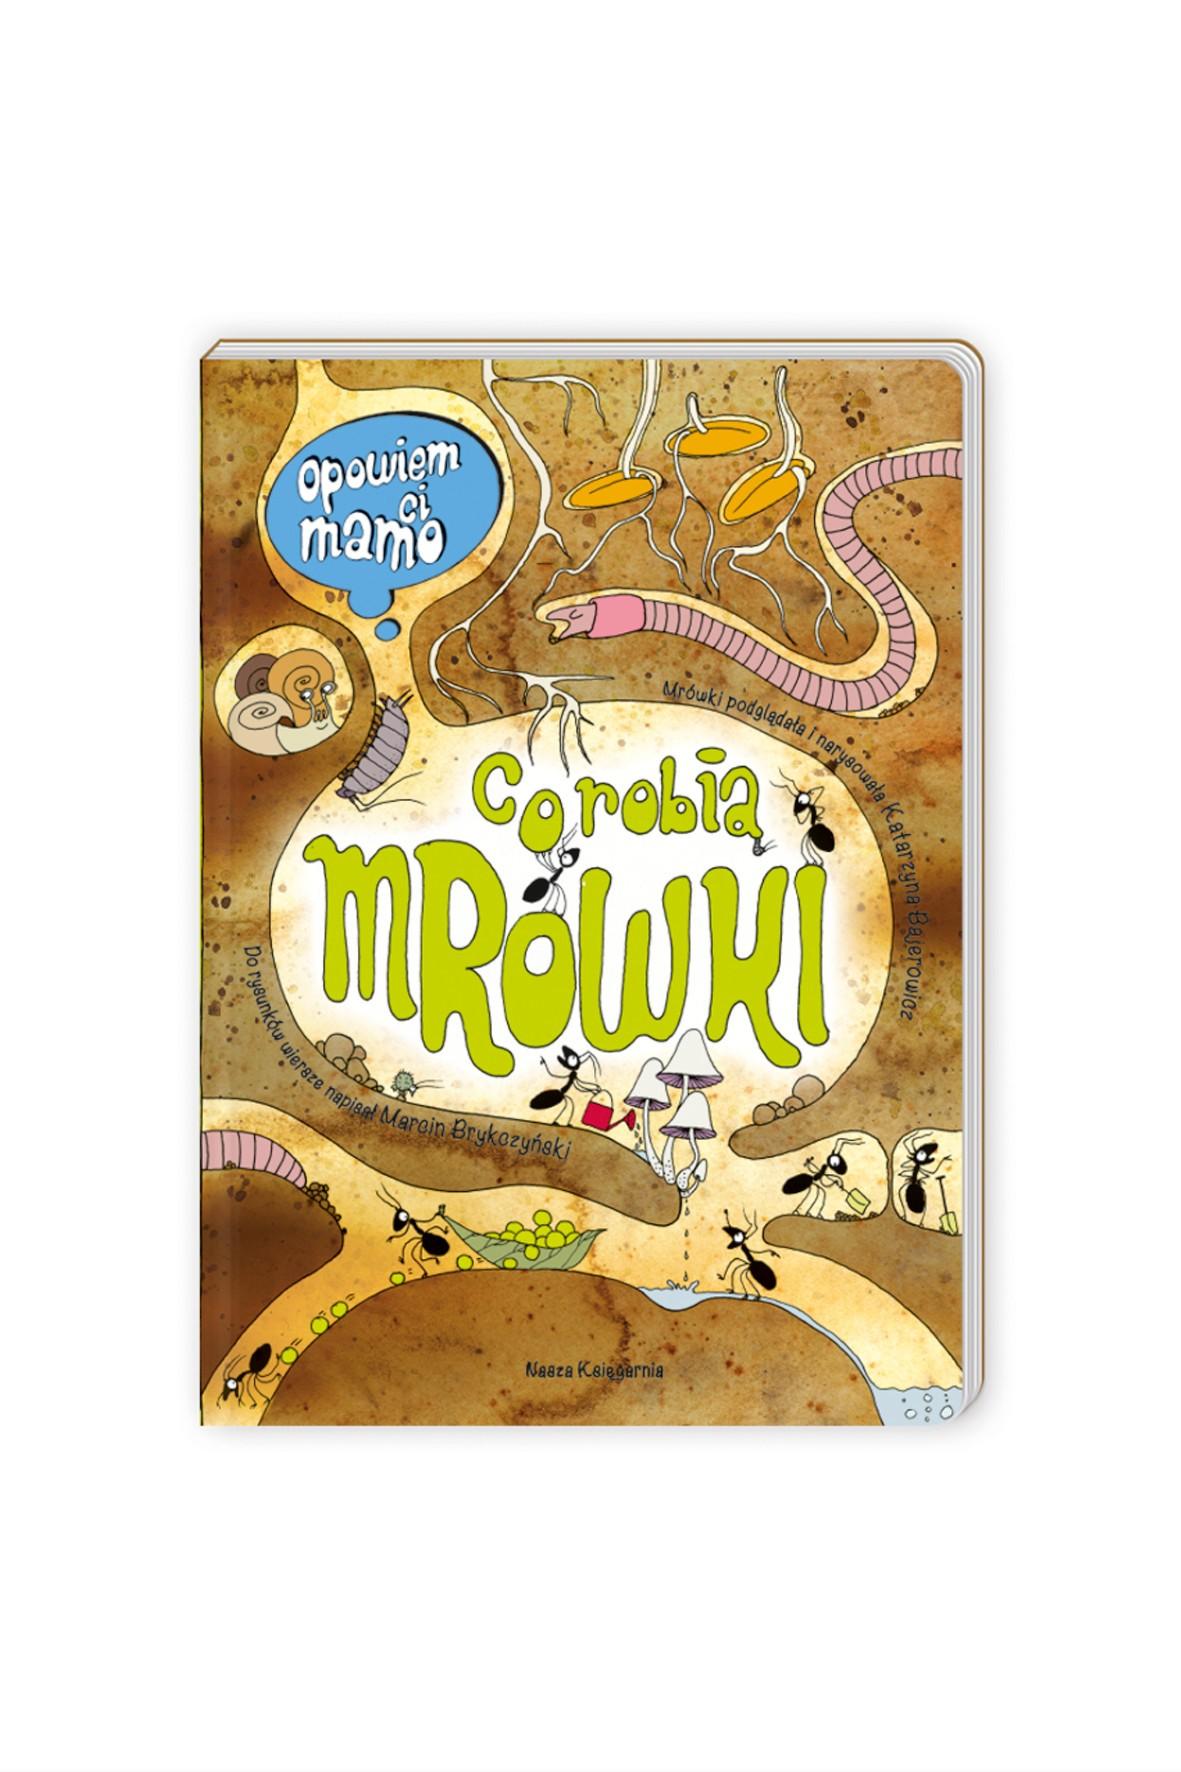 Opowiem Ci Mamo co robią mrówki- książka dla dzieci